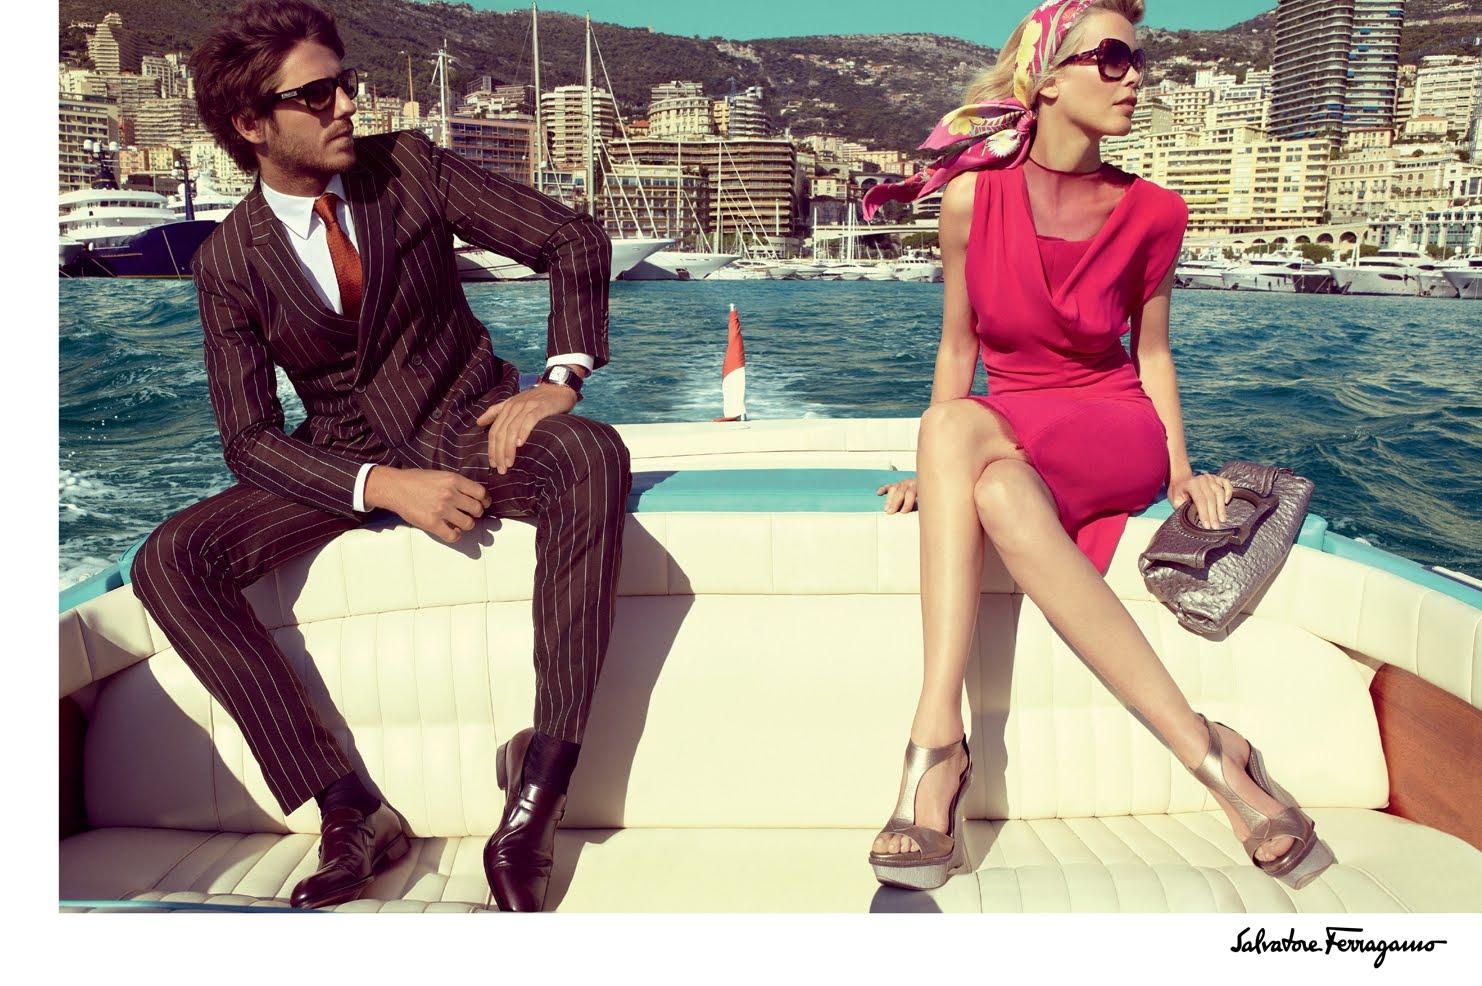 Salvatore Ferragamo presenta el nuevo logo clásico y modelos de gafas Primavera/Verano 2020